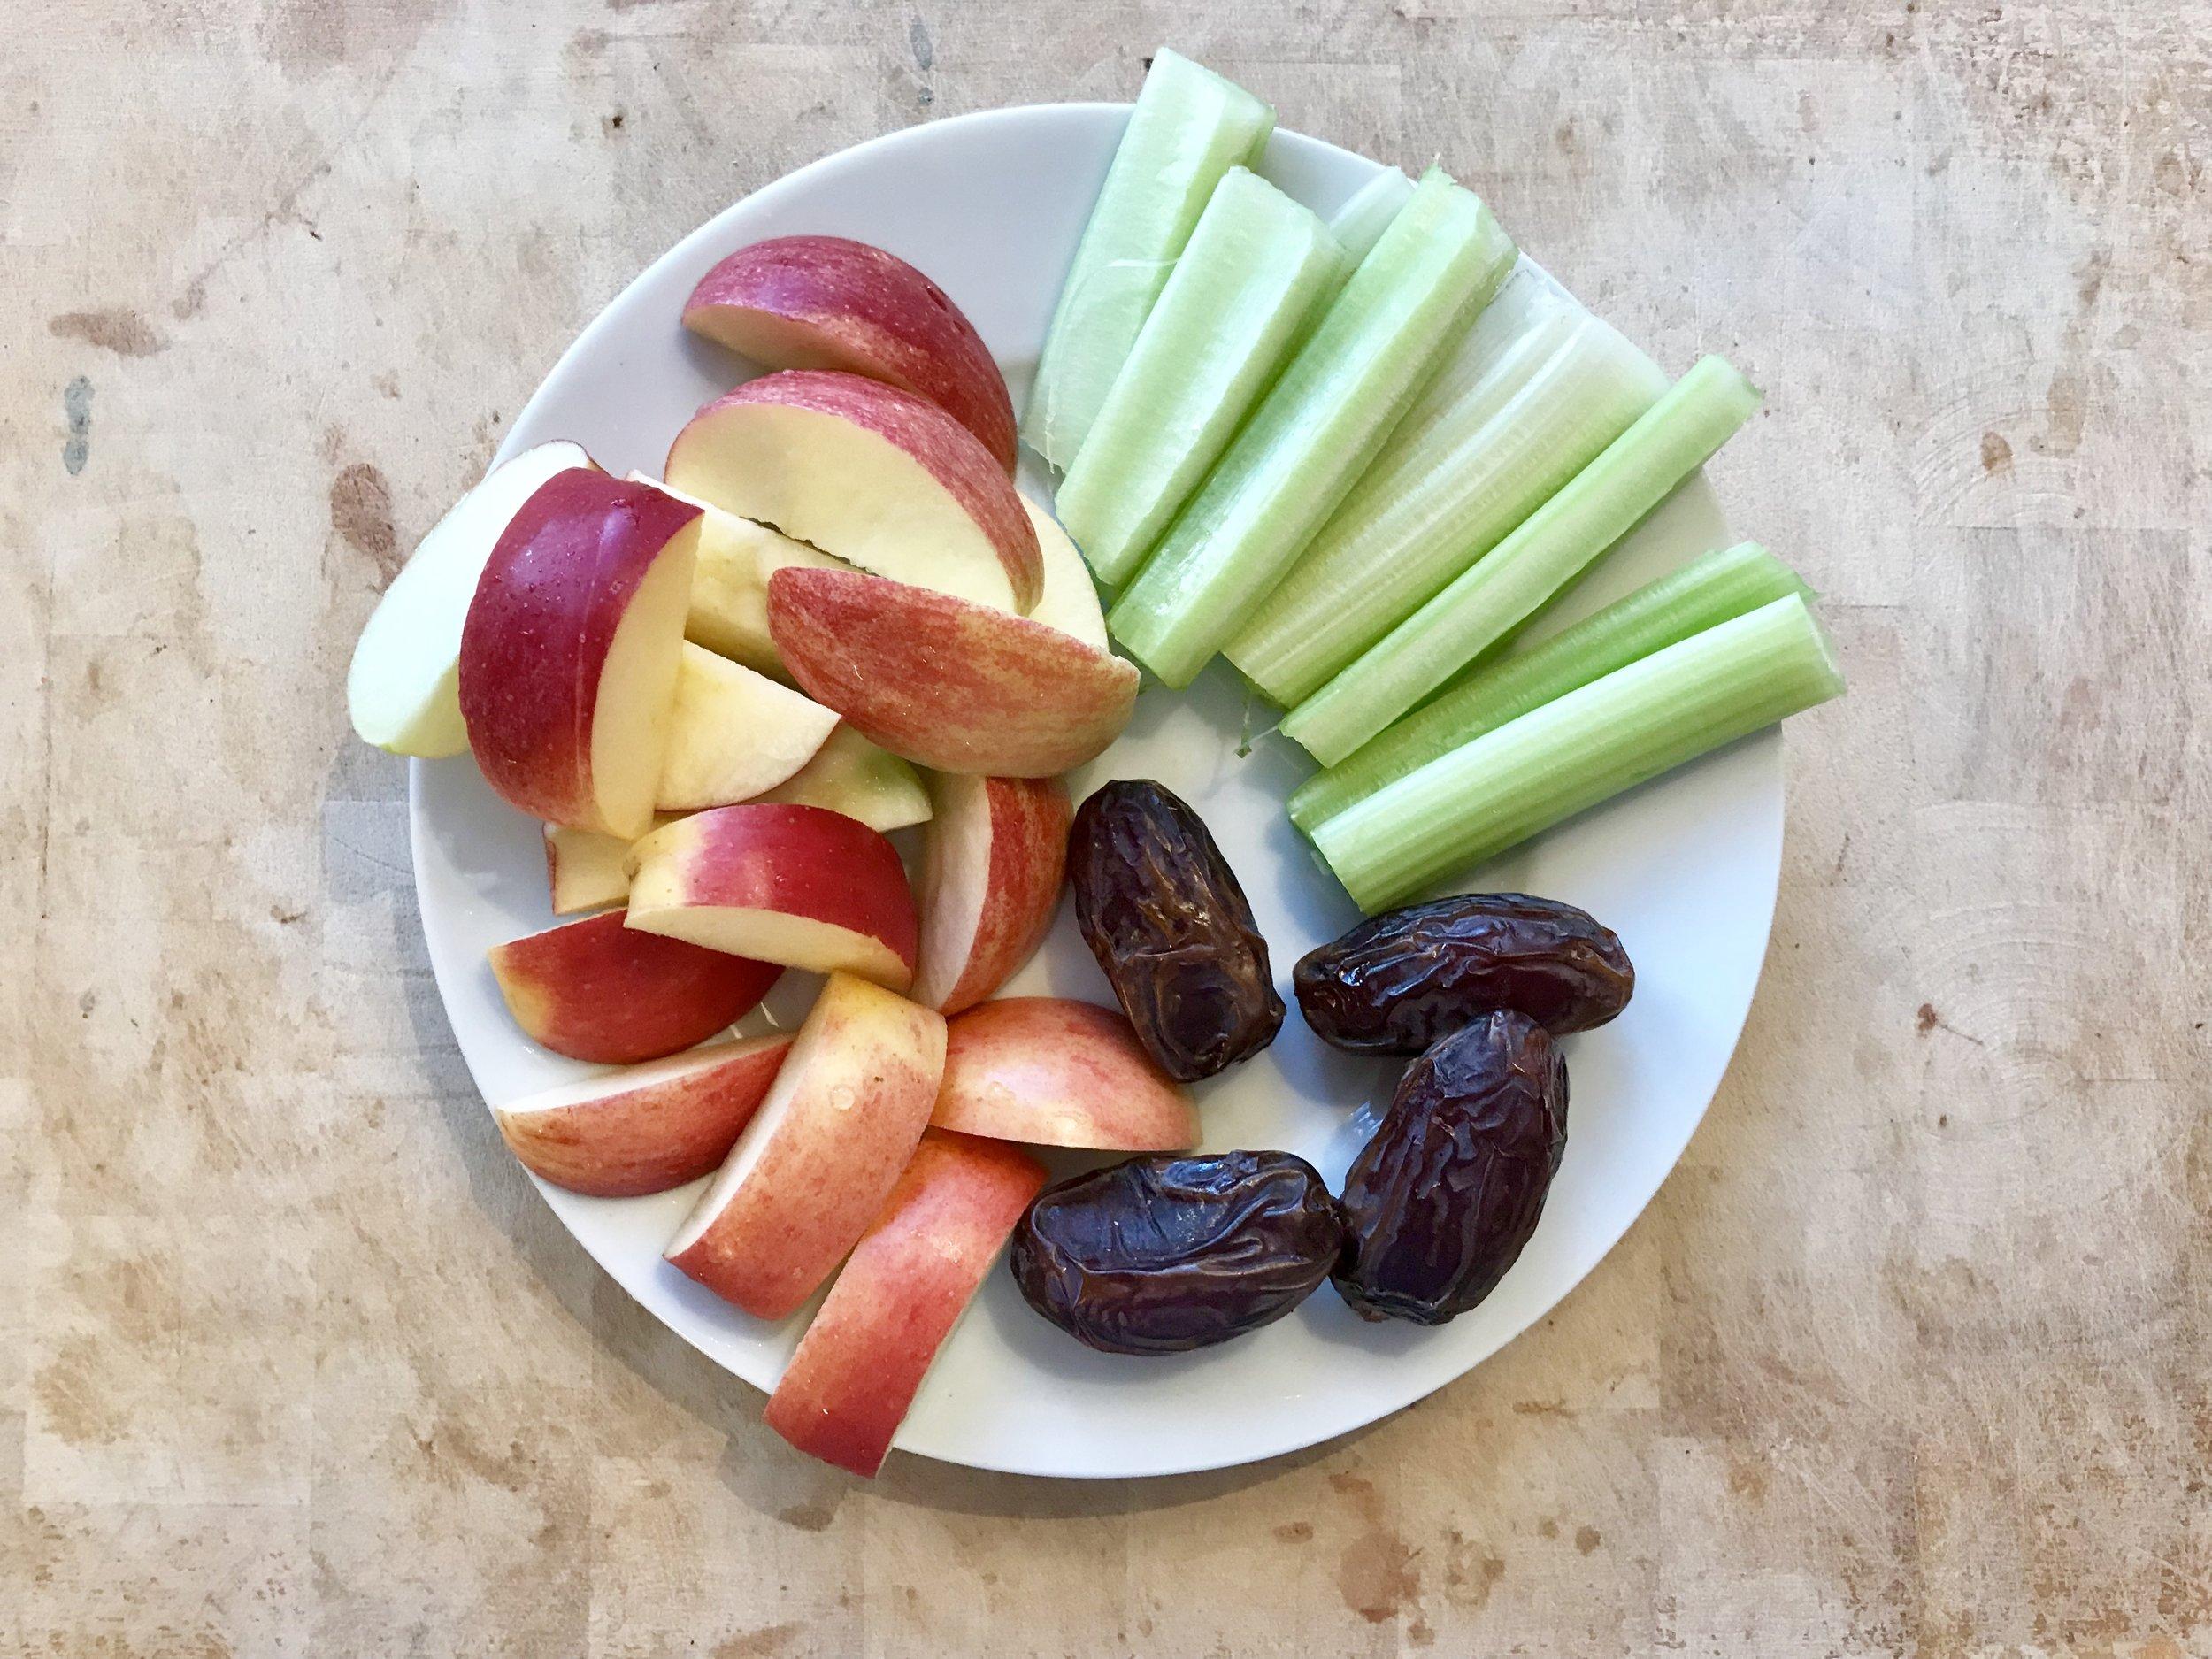 Lisämunuaisia tukeva ja eheyttävä välipala / ateria. Omenaa, selleriä ja taatelia.